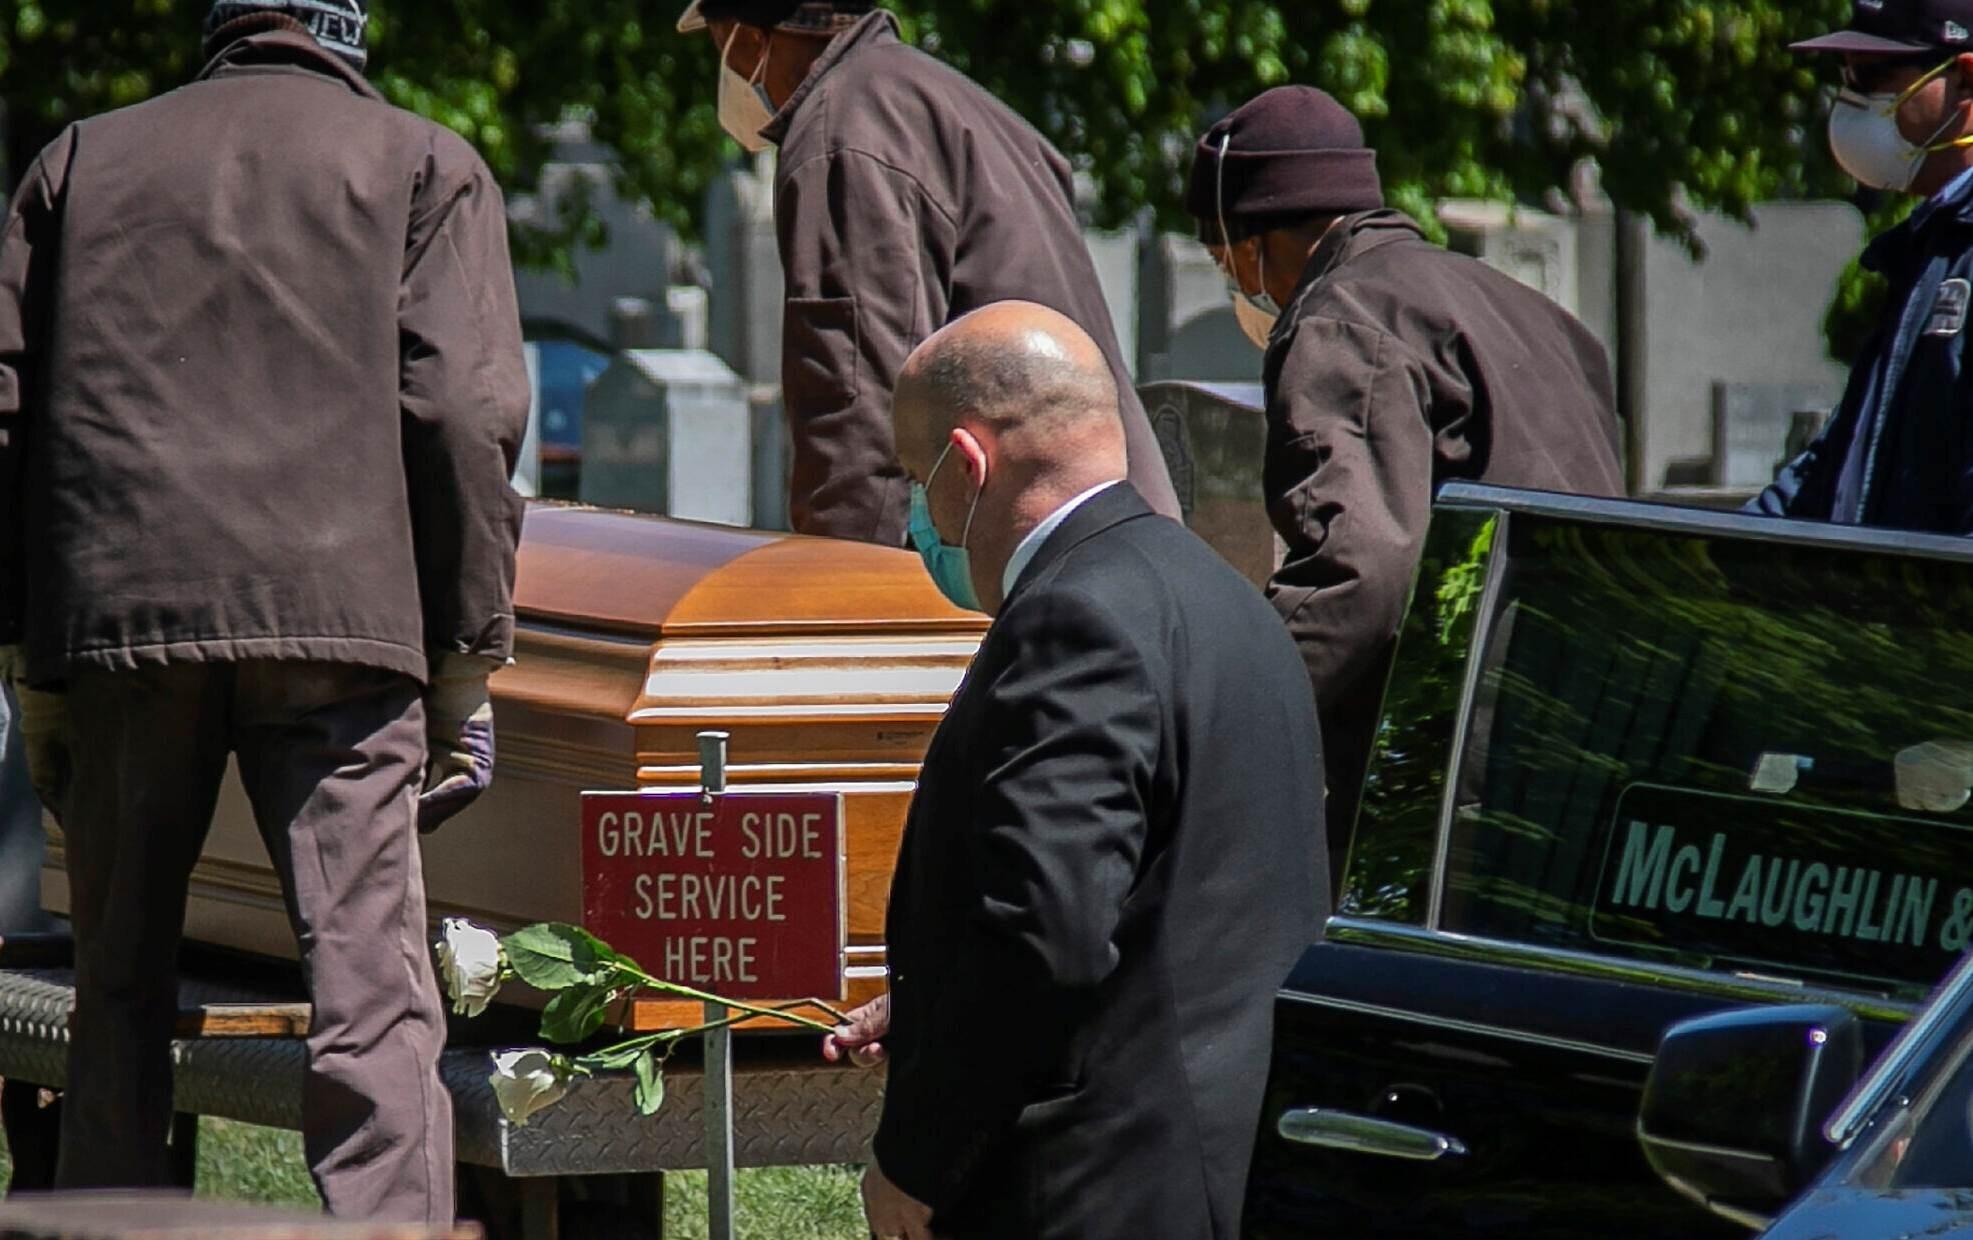 عدد وفيات كورونا في أميركا يتخطى الـ100 ألف